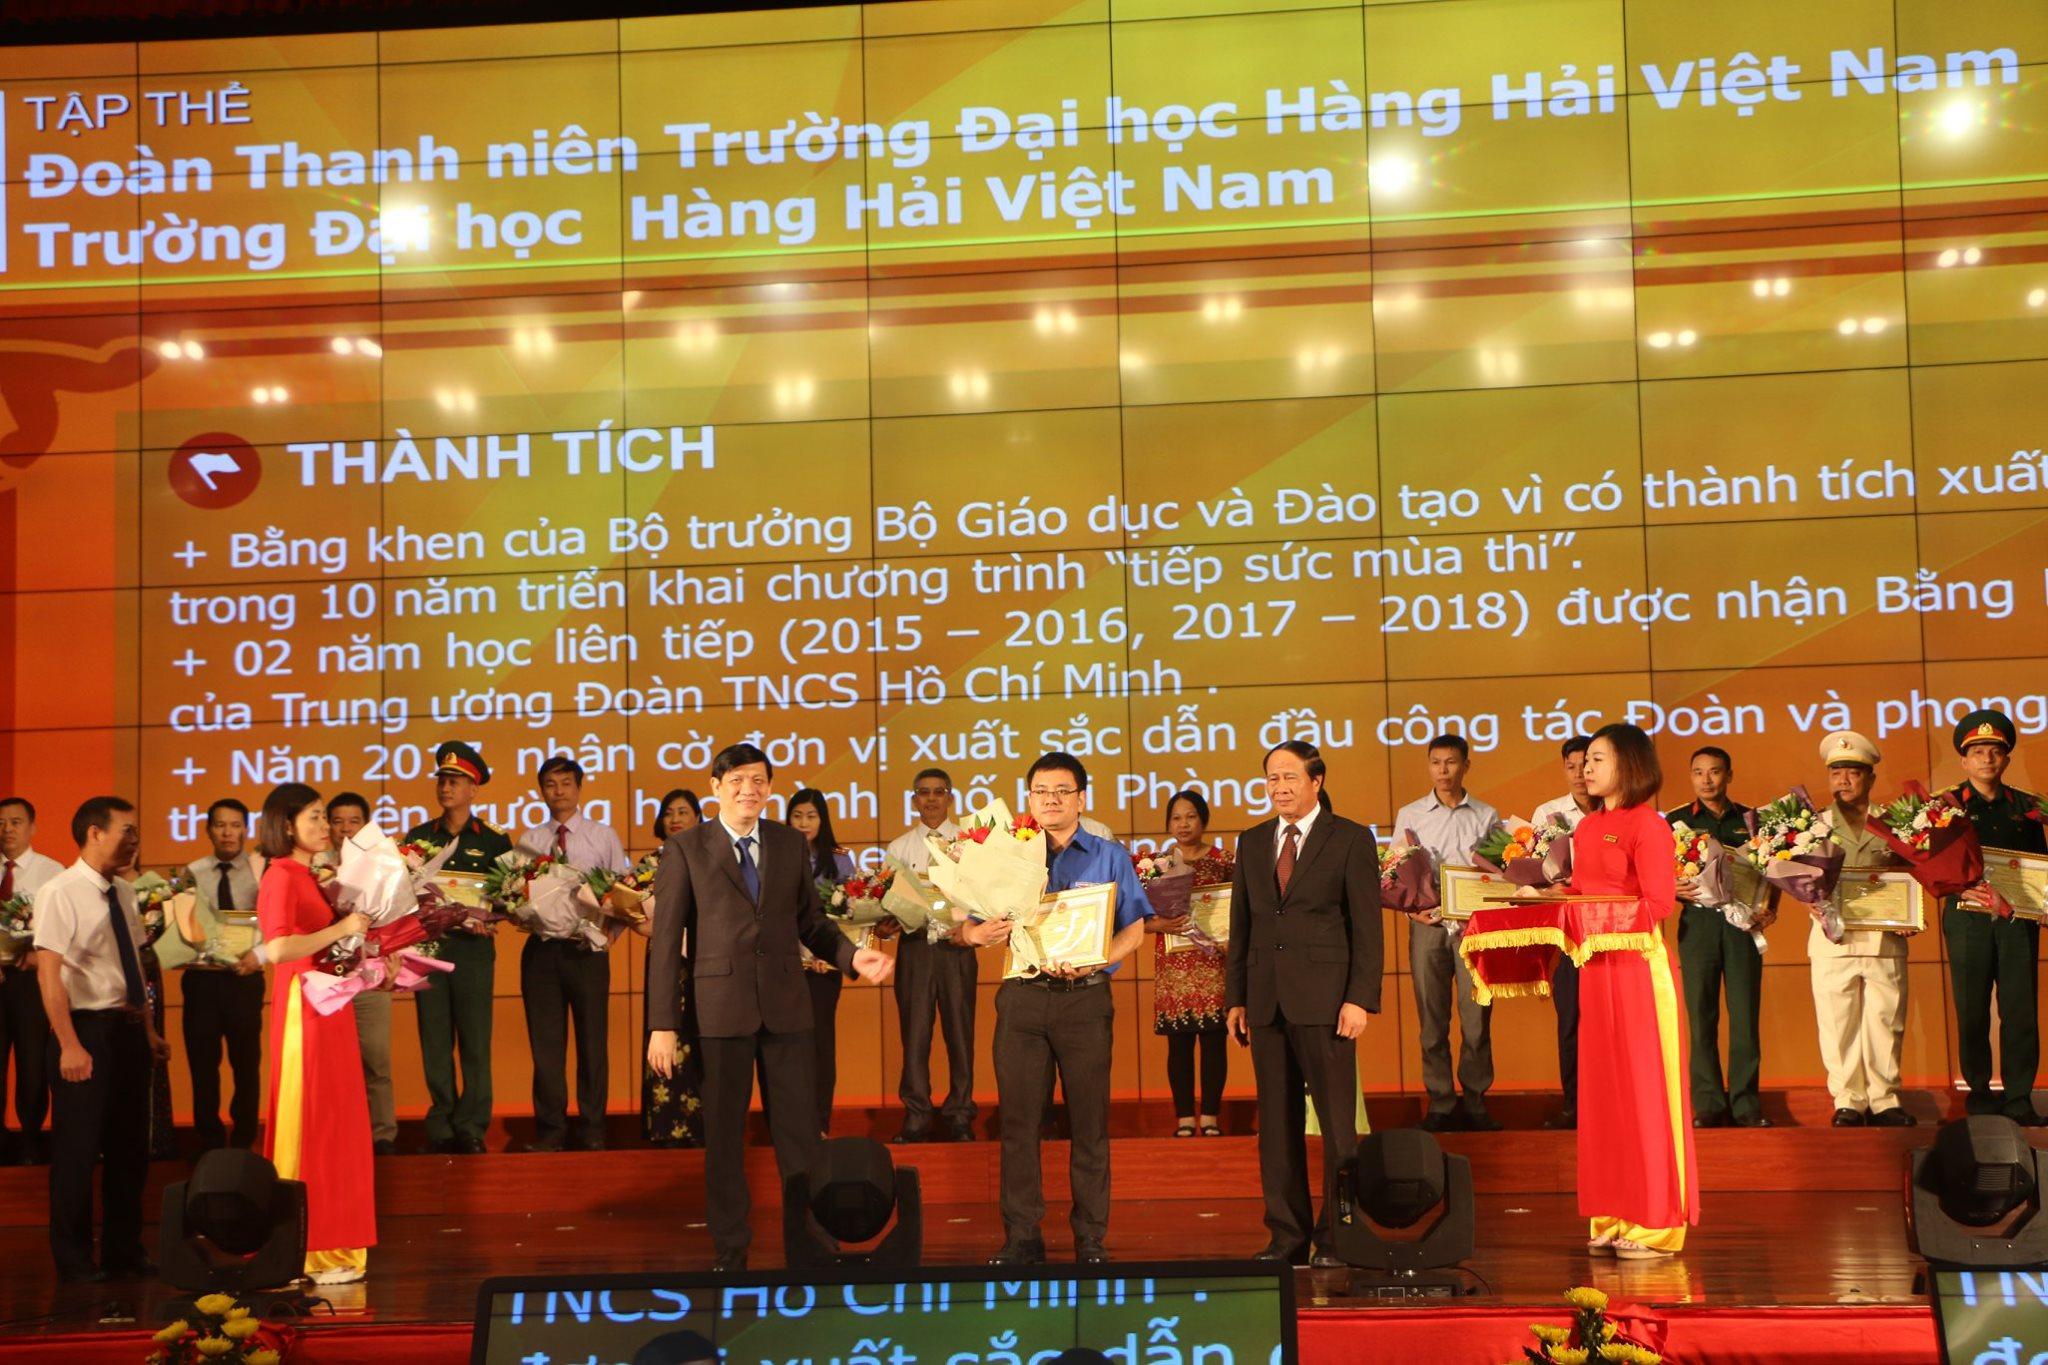 Đoàn trường được Chủ tịch UBND thành phố tặng bằng khen vì có thành tích xuất sắc trong thực hiện Chỉ thị 05 của Bộ Chính trị